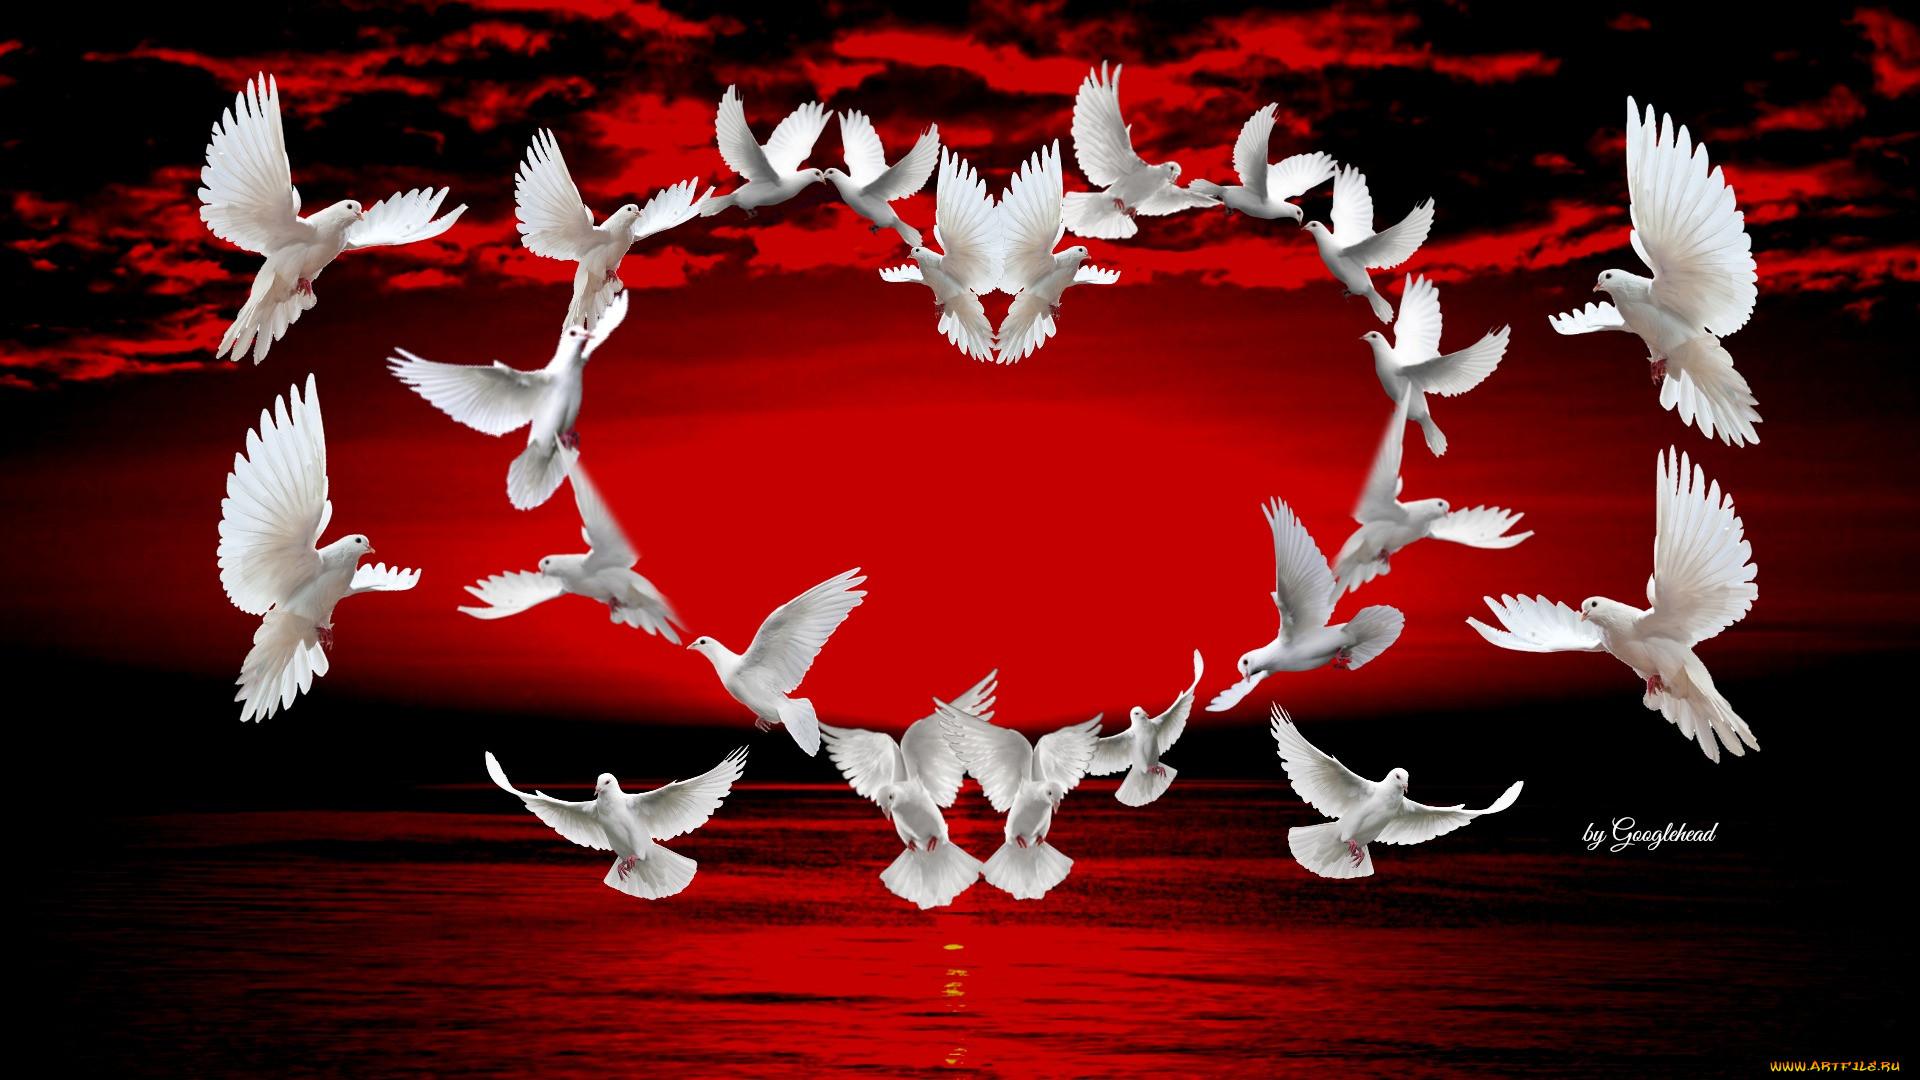 прямо картинки с сердцами и голубями рядом